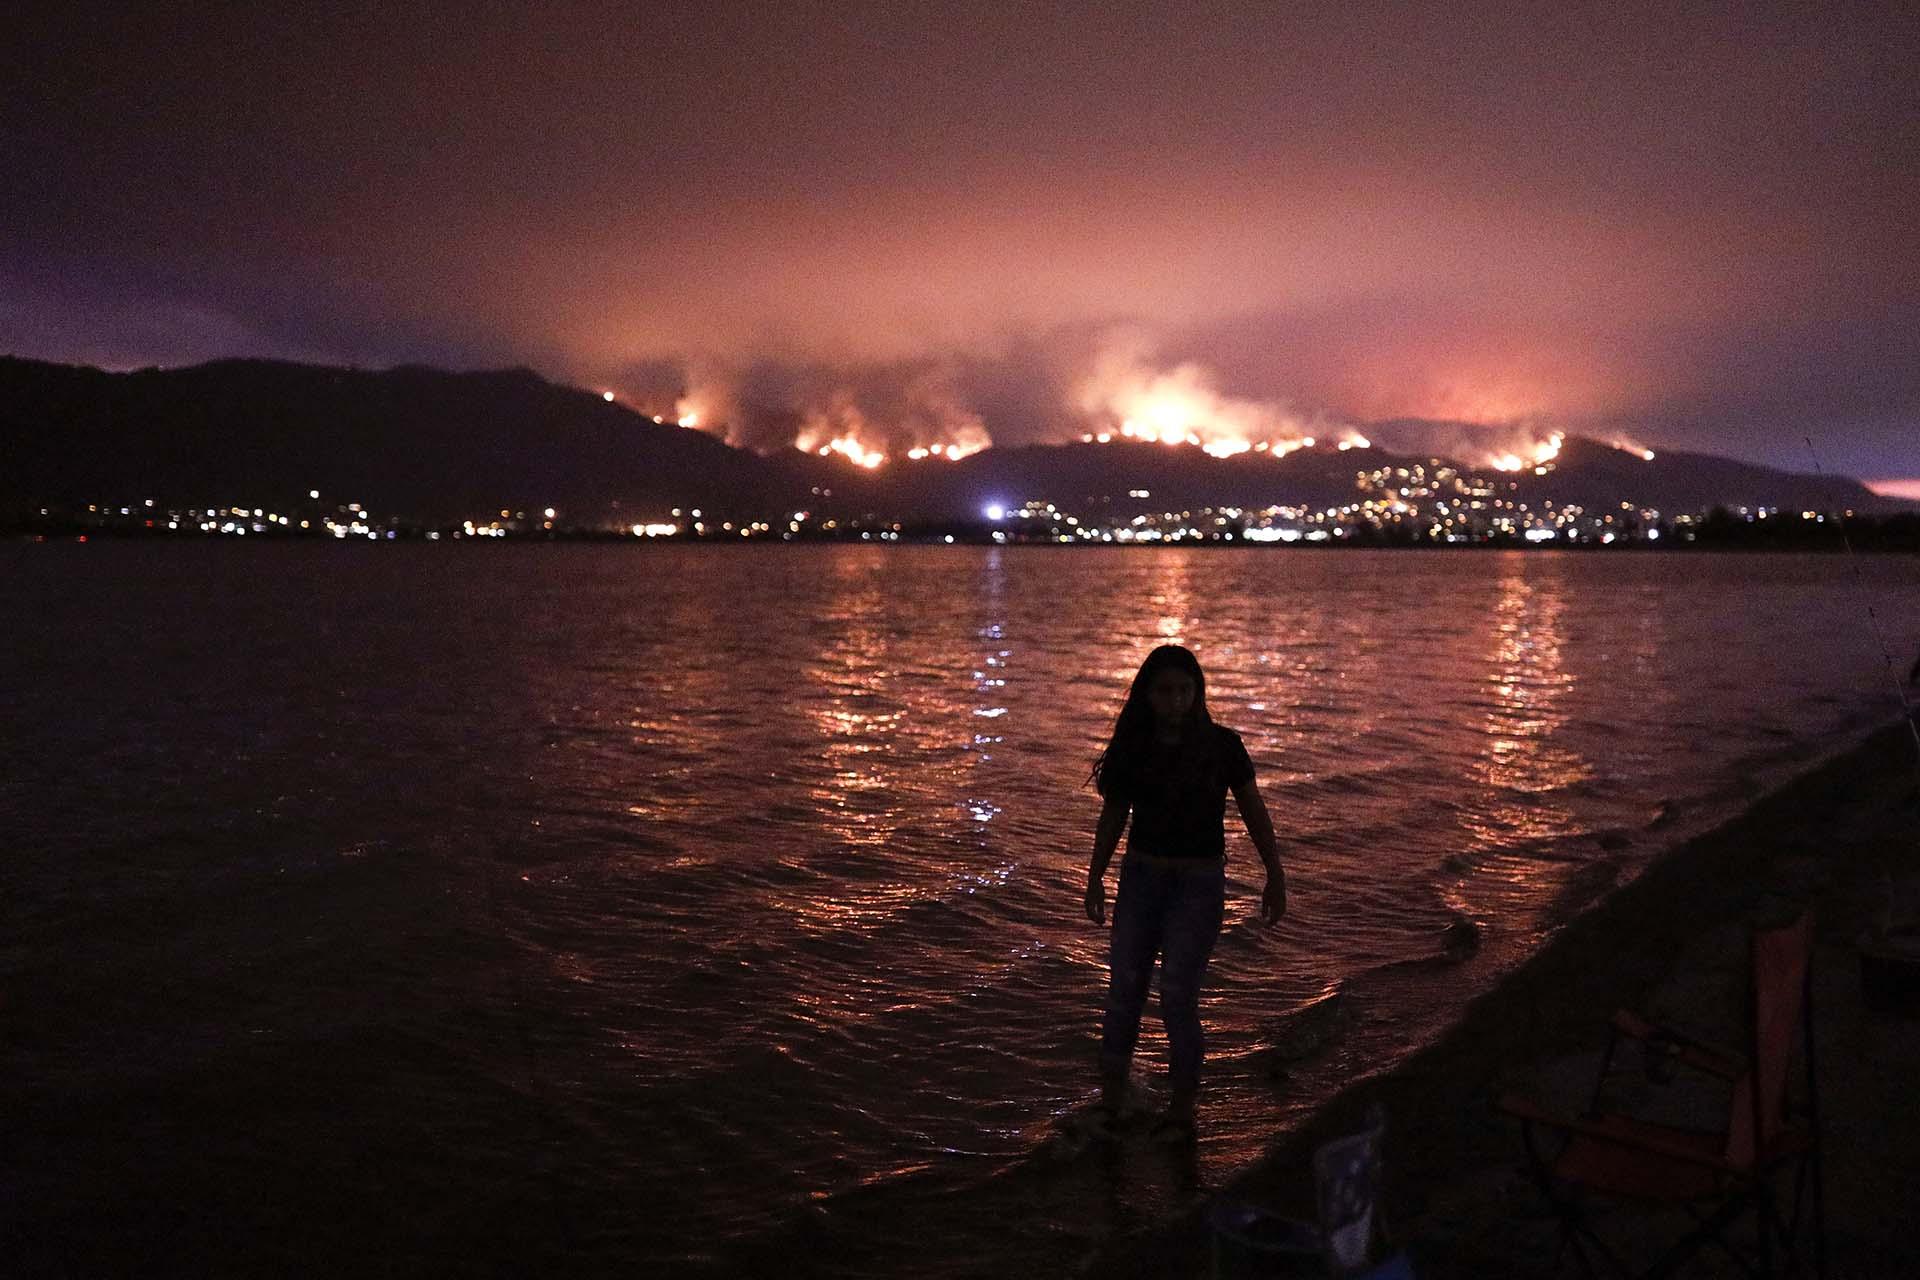 El Departamento Forestal y de Protección Contra Incendios de California (Cal Fire) precisó en su informe diario que este fuego ha sido controlado al 47%, un dato que refleja el avance de los servicios de emergencia contra un incendio que el martes estaba contenido en un 34%